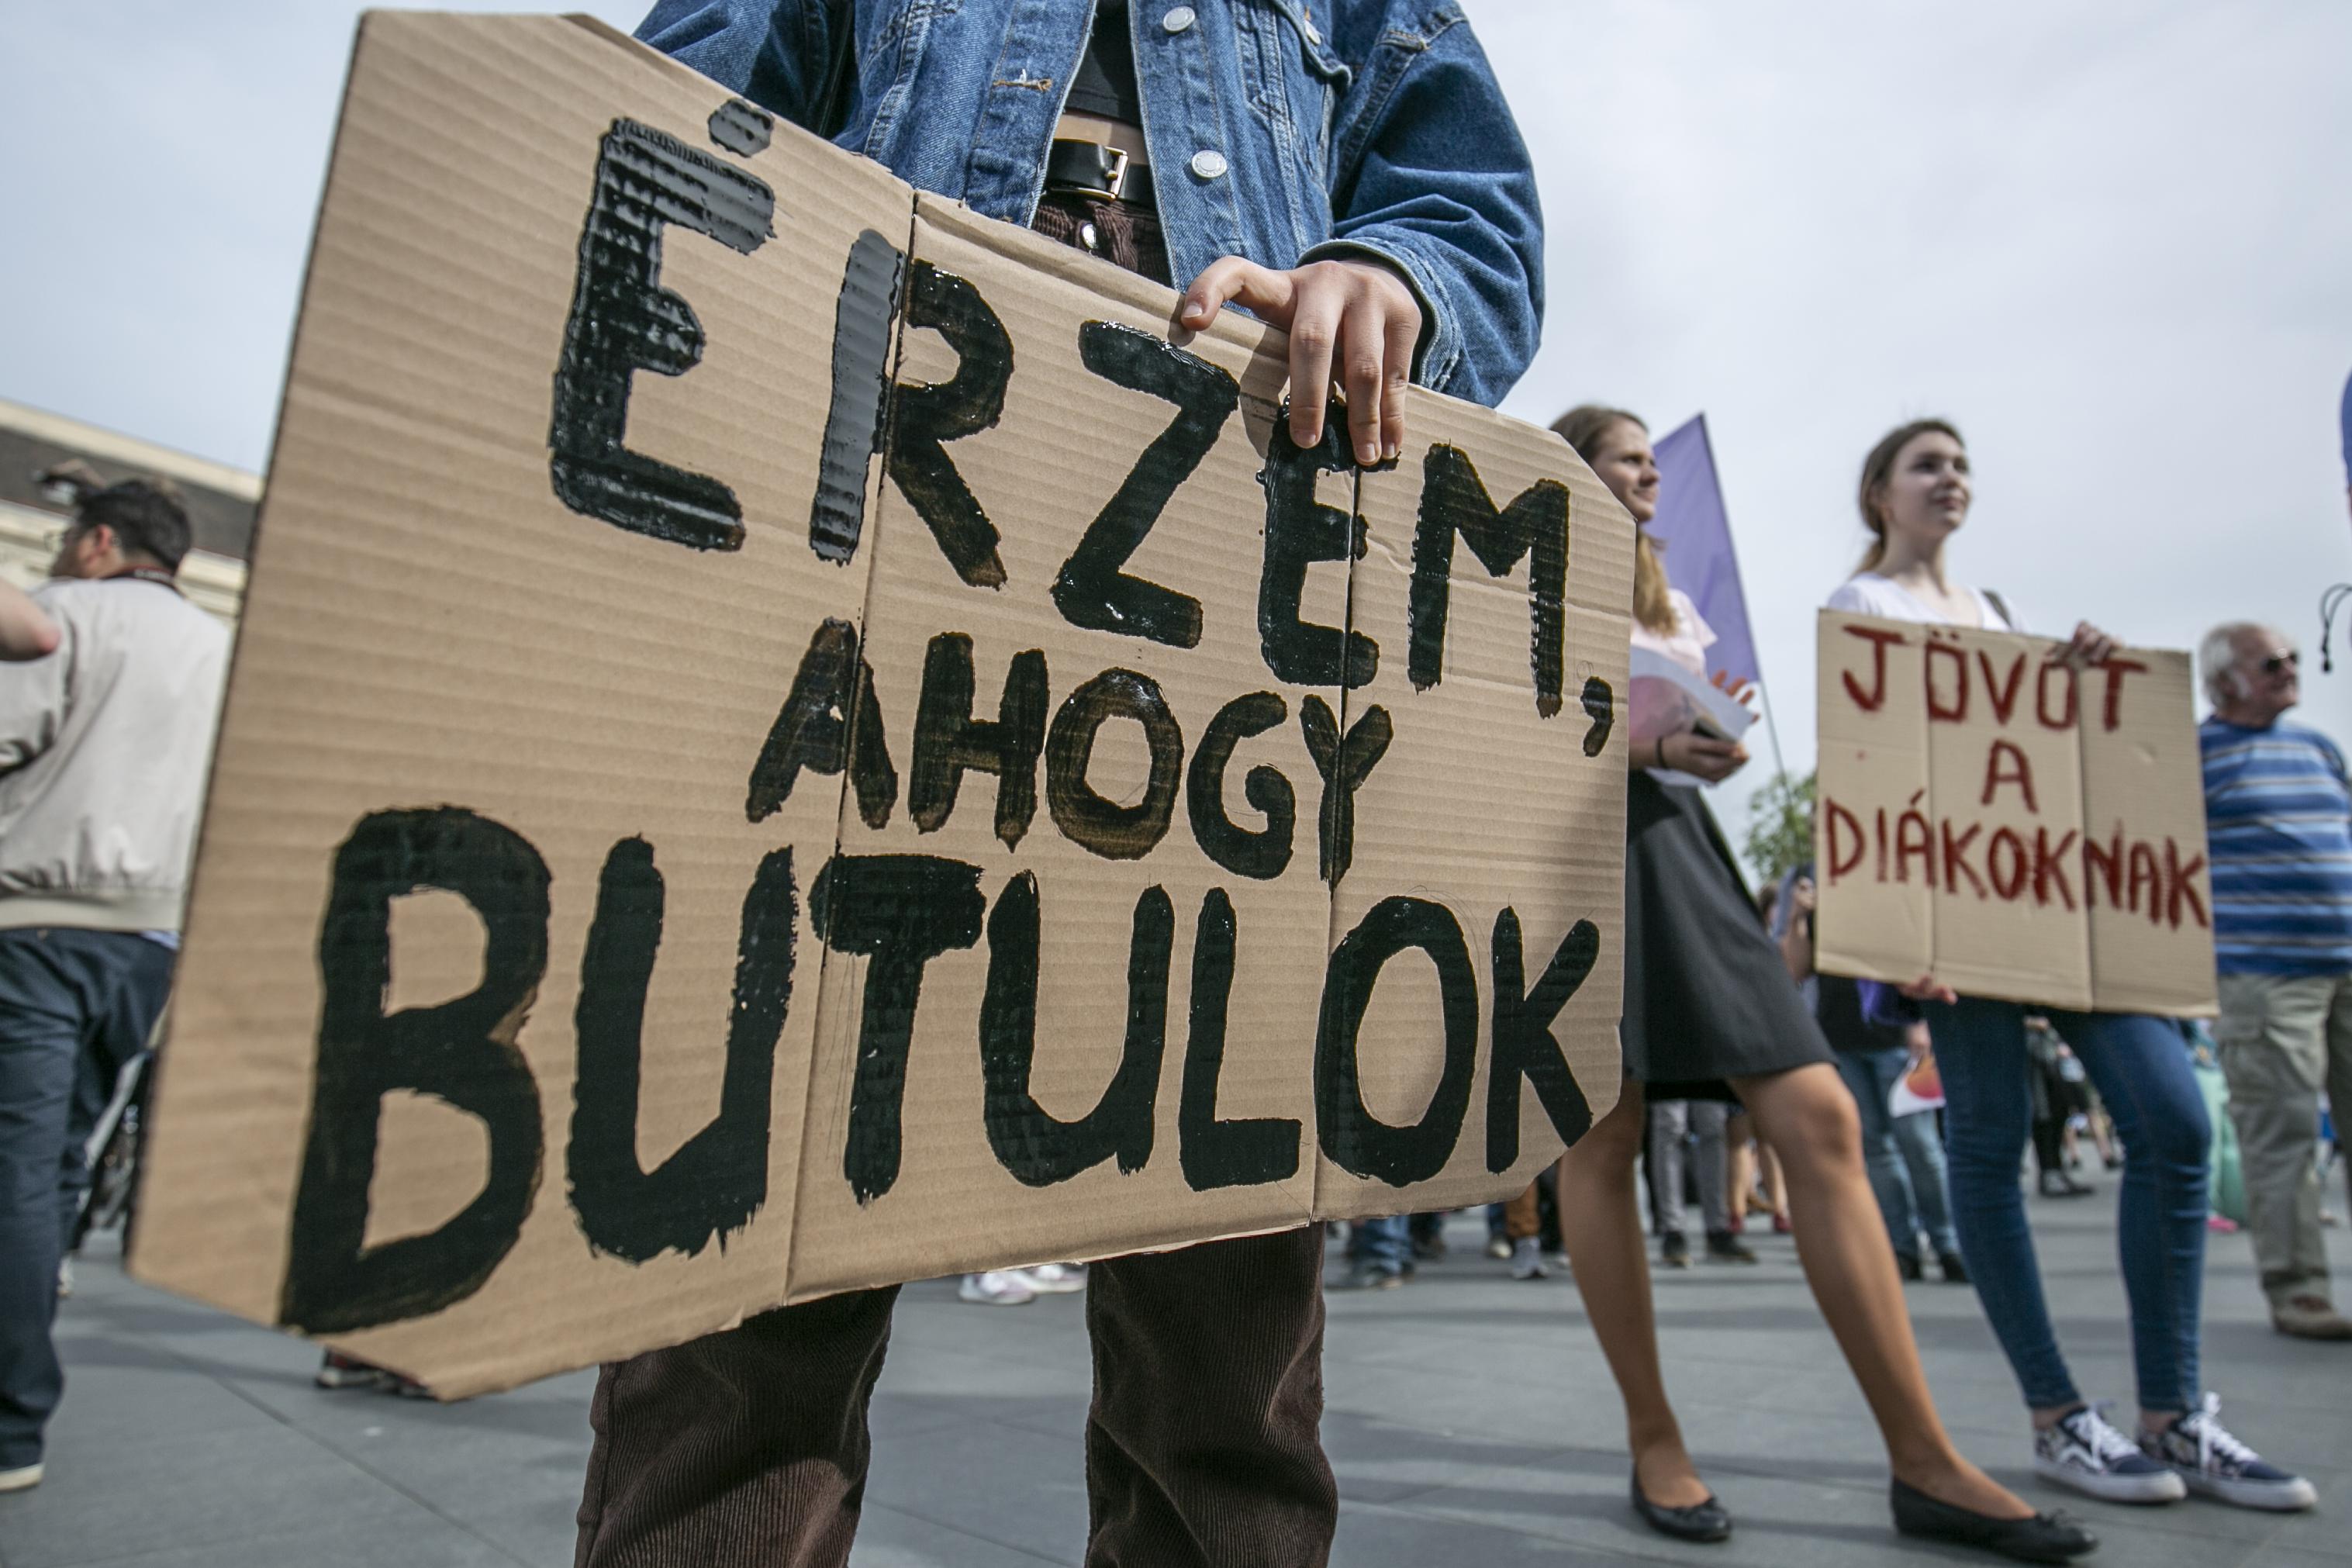 Az Emmi közölte, hogy a tüntető diákok mögött Soros és Gyurcsány áll